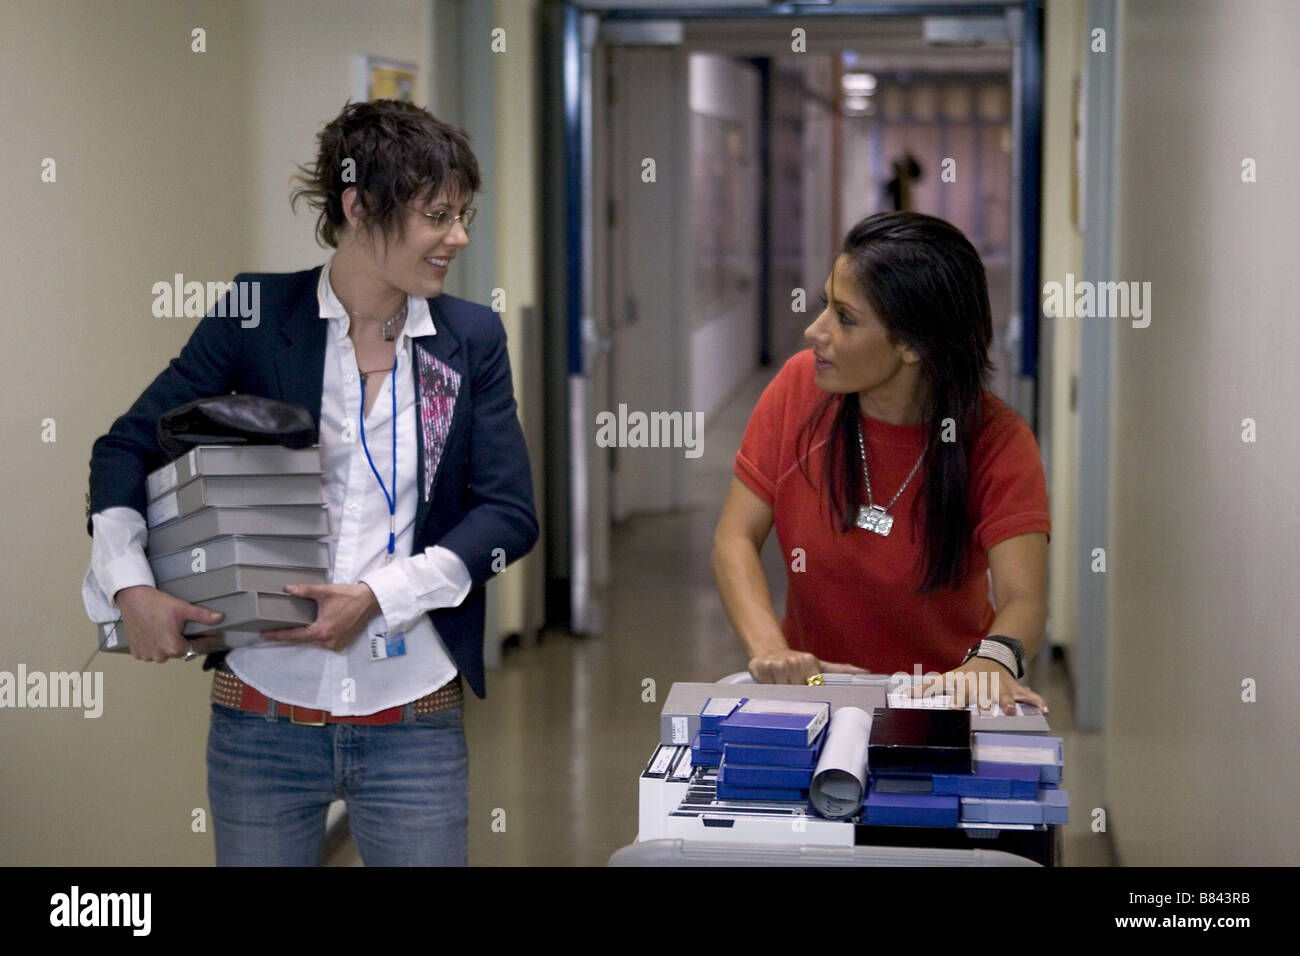 Sarah shahi and kate moennig dating